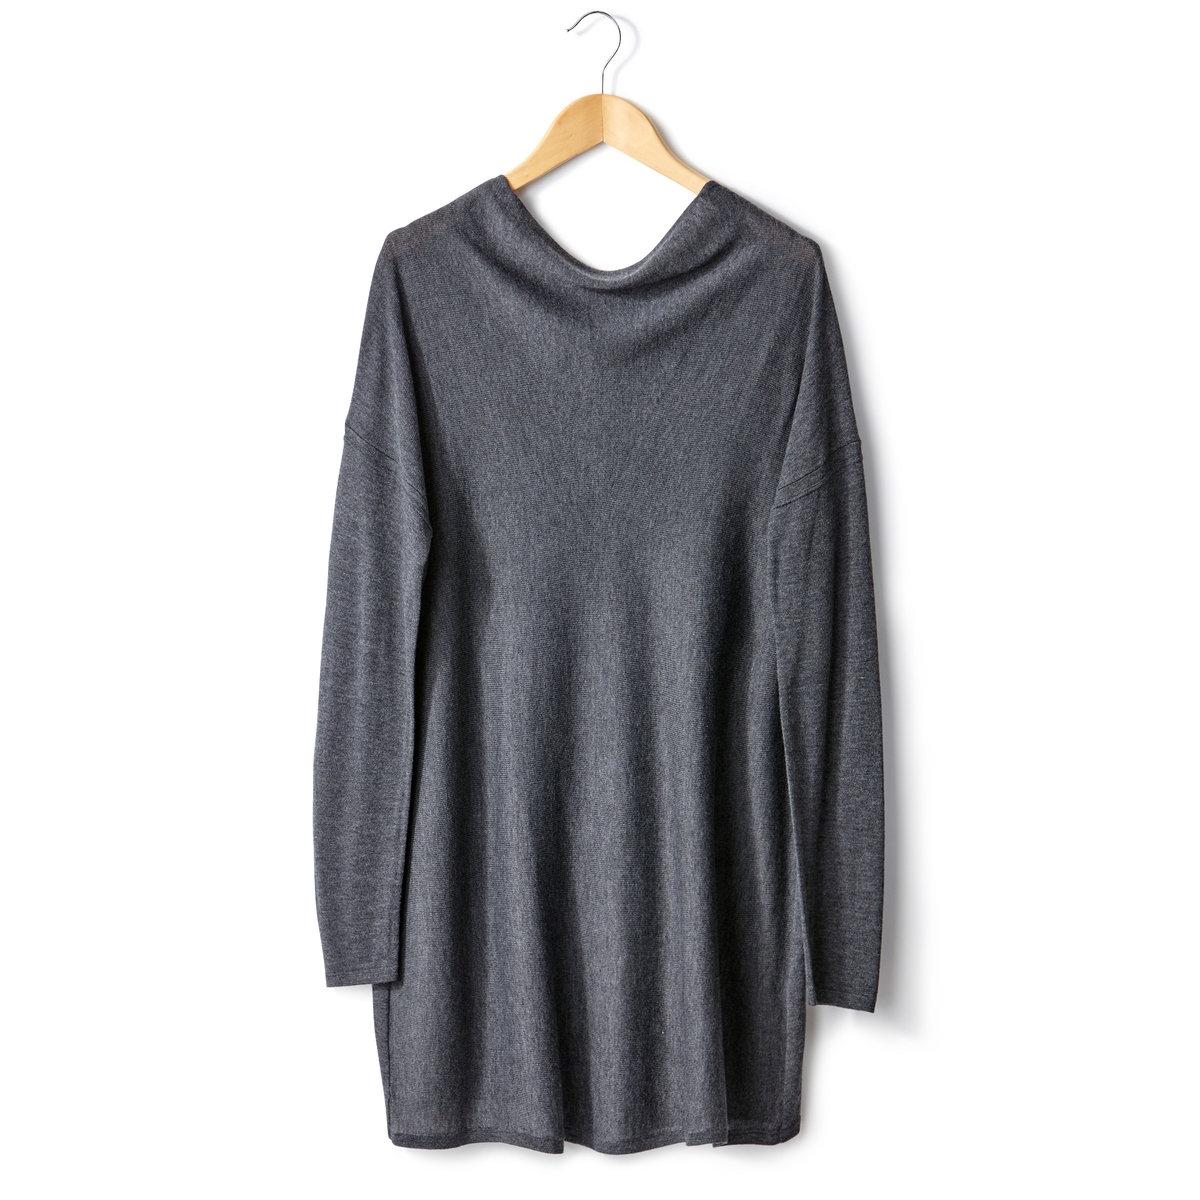 Пуловер с драпировкой на вырезеПуловер с драпировкой на вырезе. 50% вискозы, 40% акрила, 10% мериносовой шерсти. Длинные рукава. Края связаны в рубчик. Застежка на молнию на плече. Длина 70 см.<br><br>Цвет: антрацит,розовый,темно-оранжевый,черный<br>Размер: 46/48 (FR) - 52/54 (RUS).46/48 (FR) - 52/54 (RUS).50/52 (FR) - 56/58 (RUS).50/52 (FR) - 56/58 (RUS).50/52 (FR) - 56/58 (RUS)